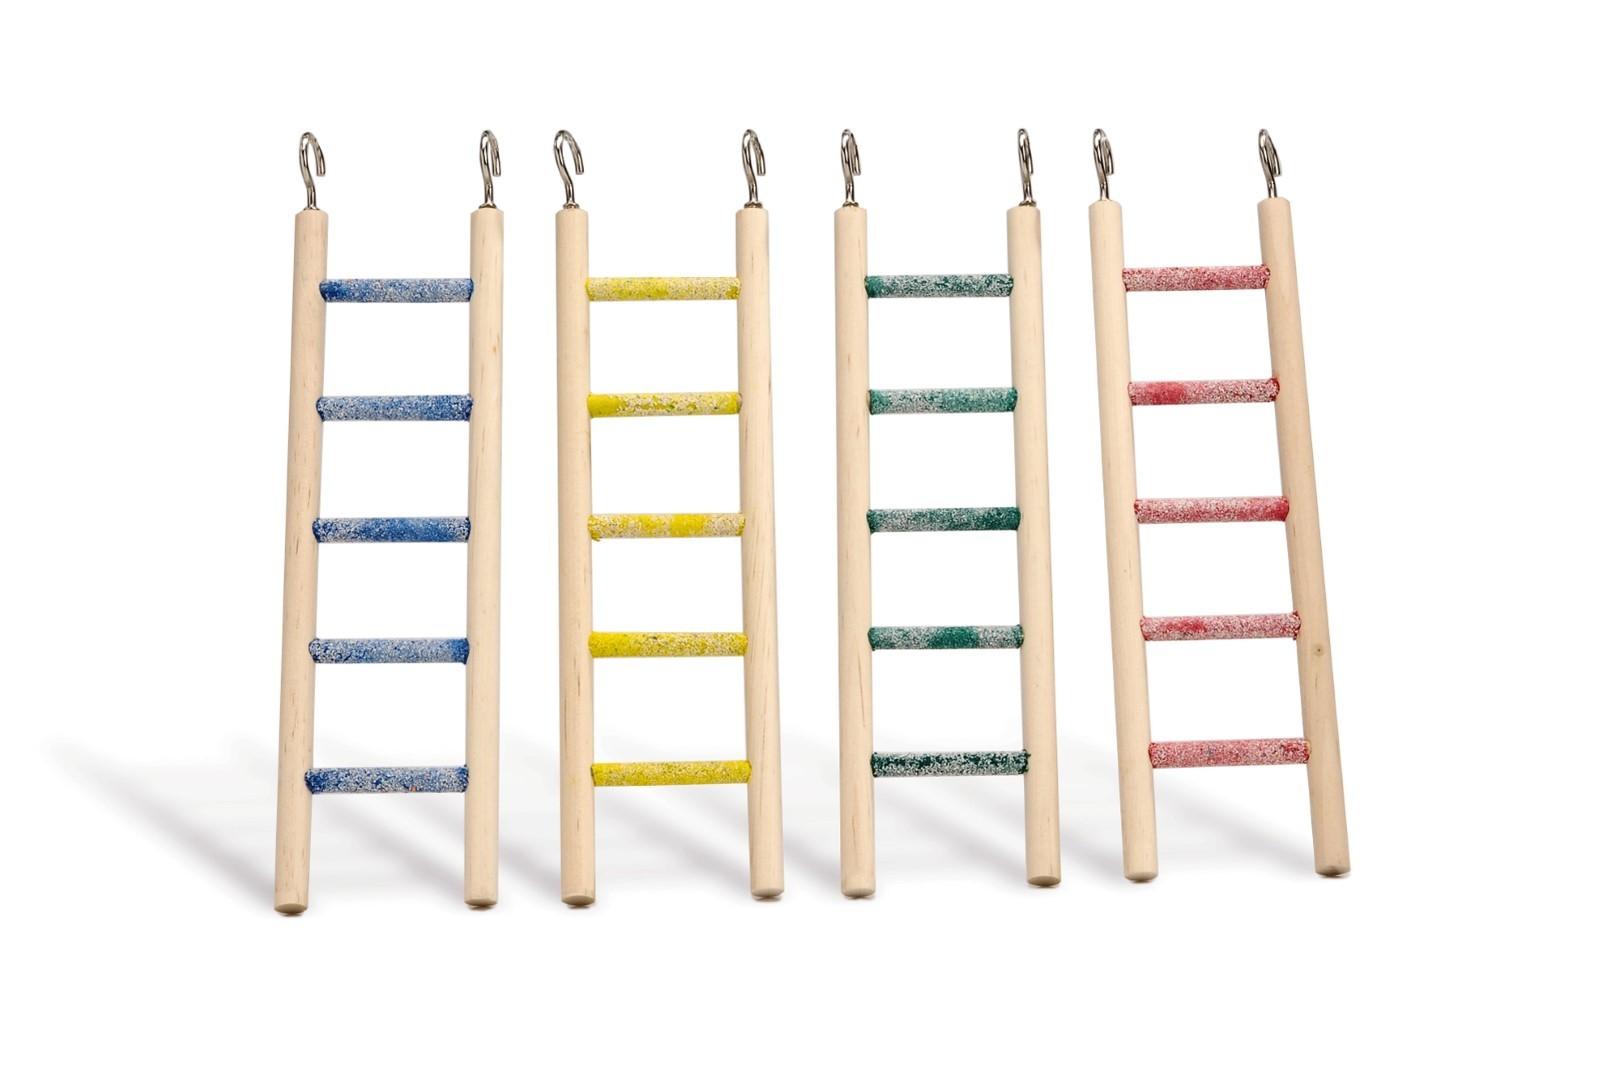 Houten ladder ped 5 tr ass 24x6